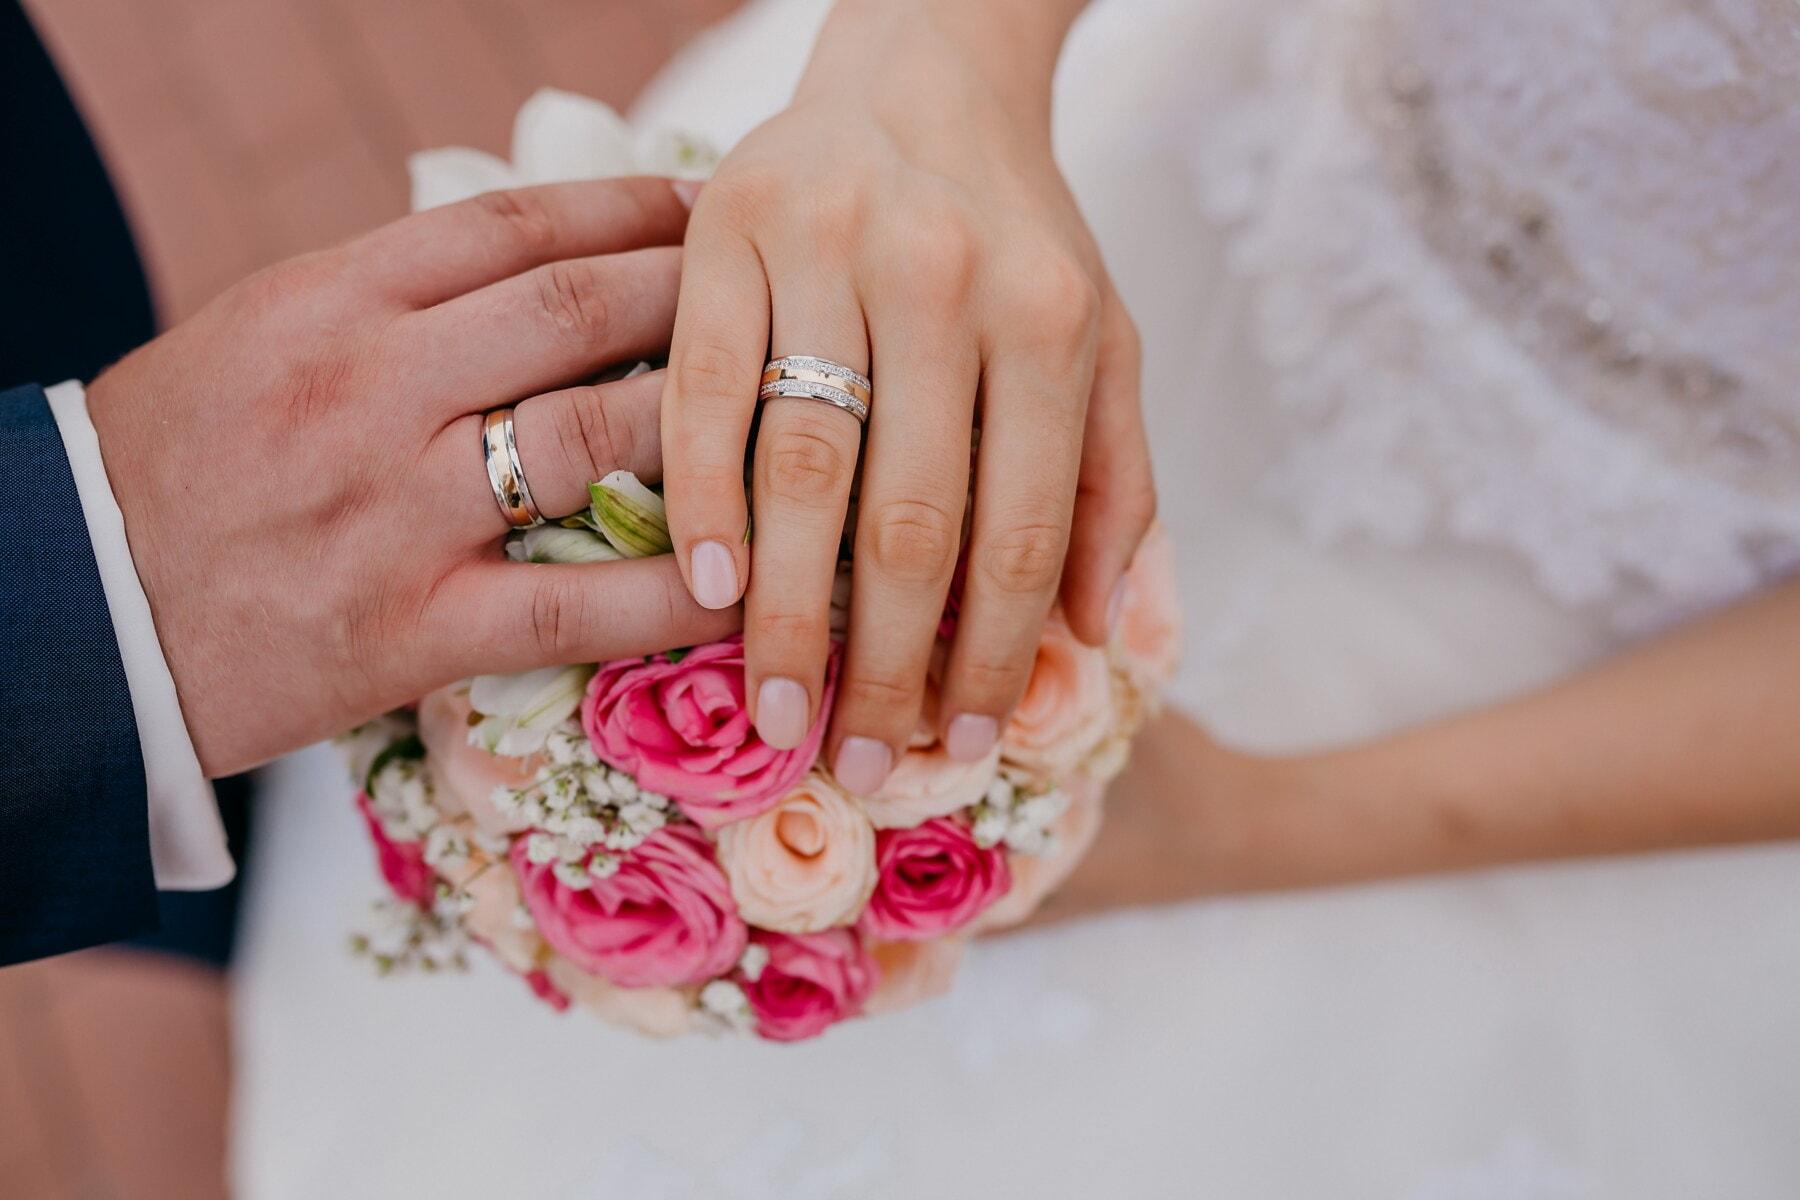 doigt, jeune marié, mains, main dans la main, la mariée, Touch, amour, femme, mariage, peau